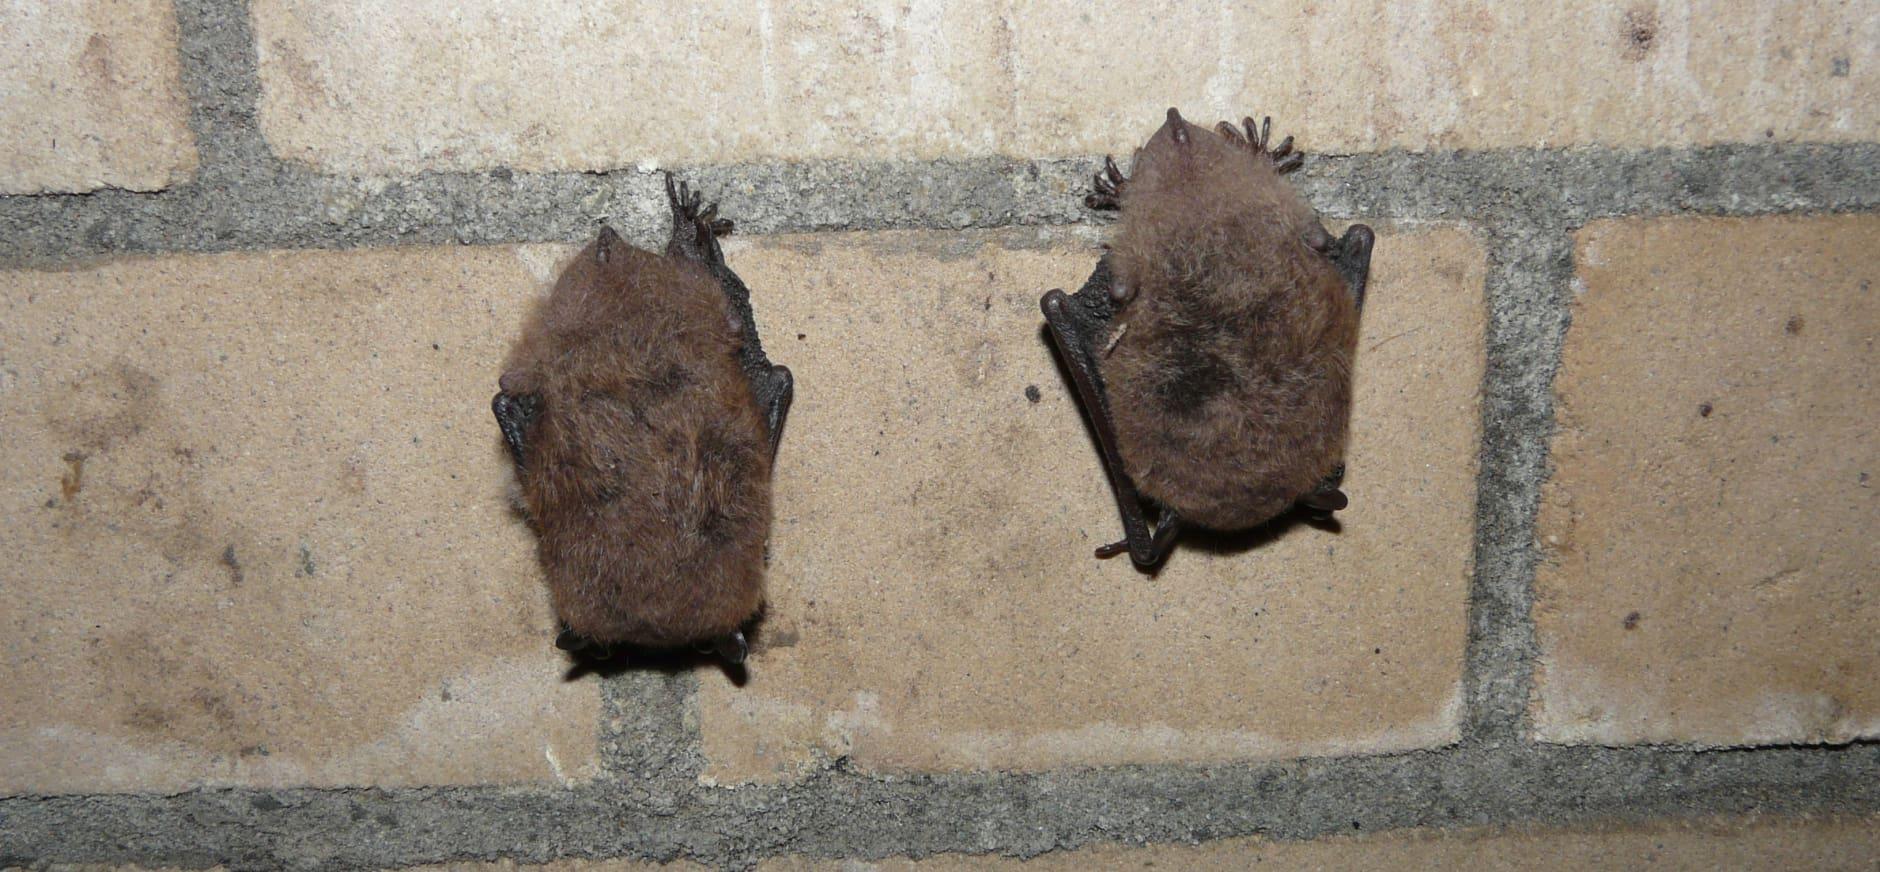 Vleermuizen overwinteren in ijskelder